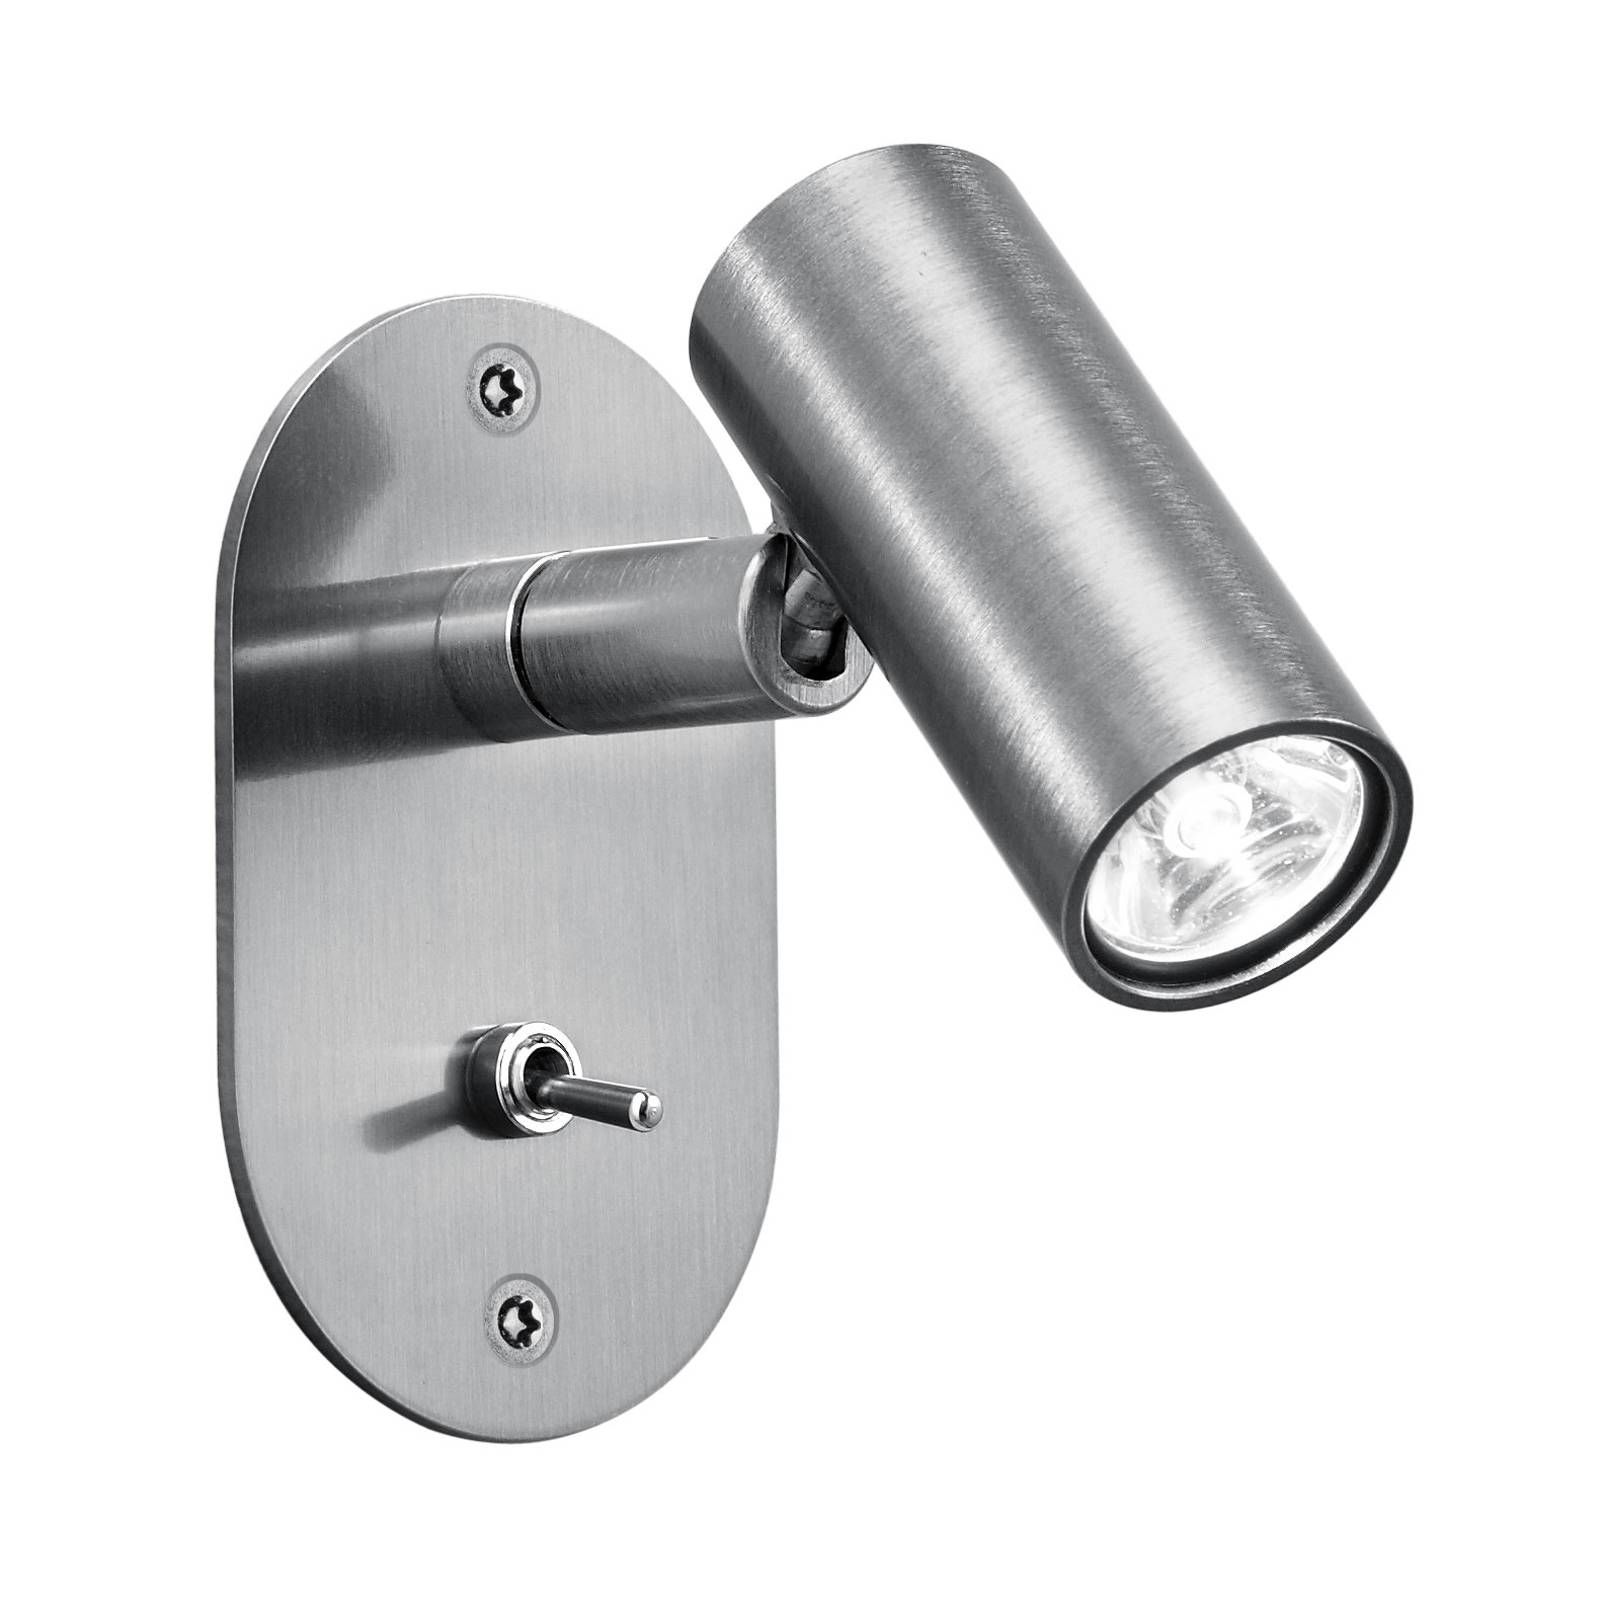 Baulmann 64.506 LED-Wandleuchte, rund, nickel matt